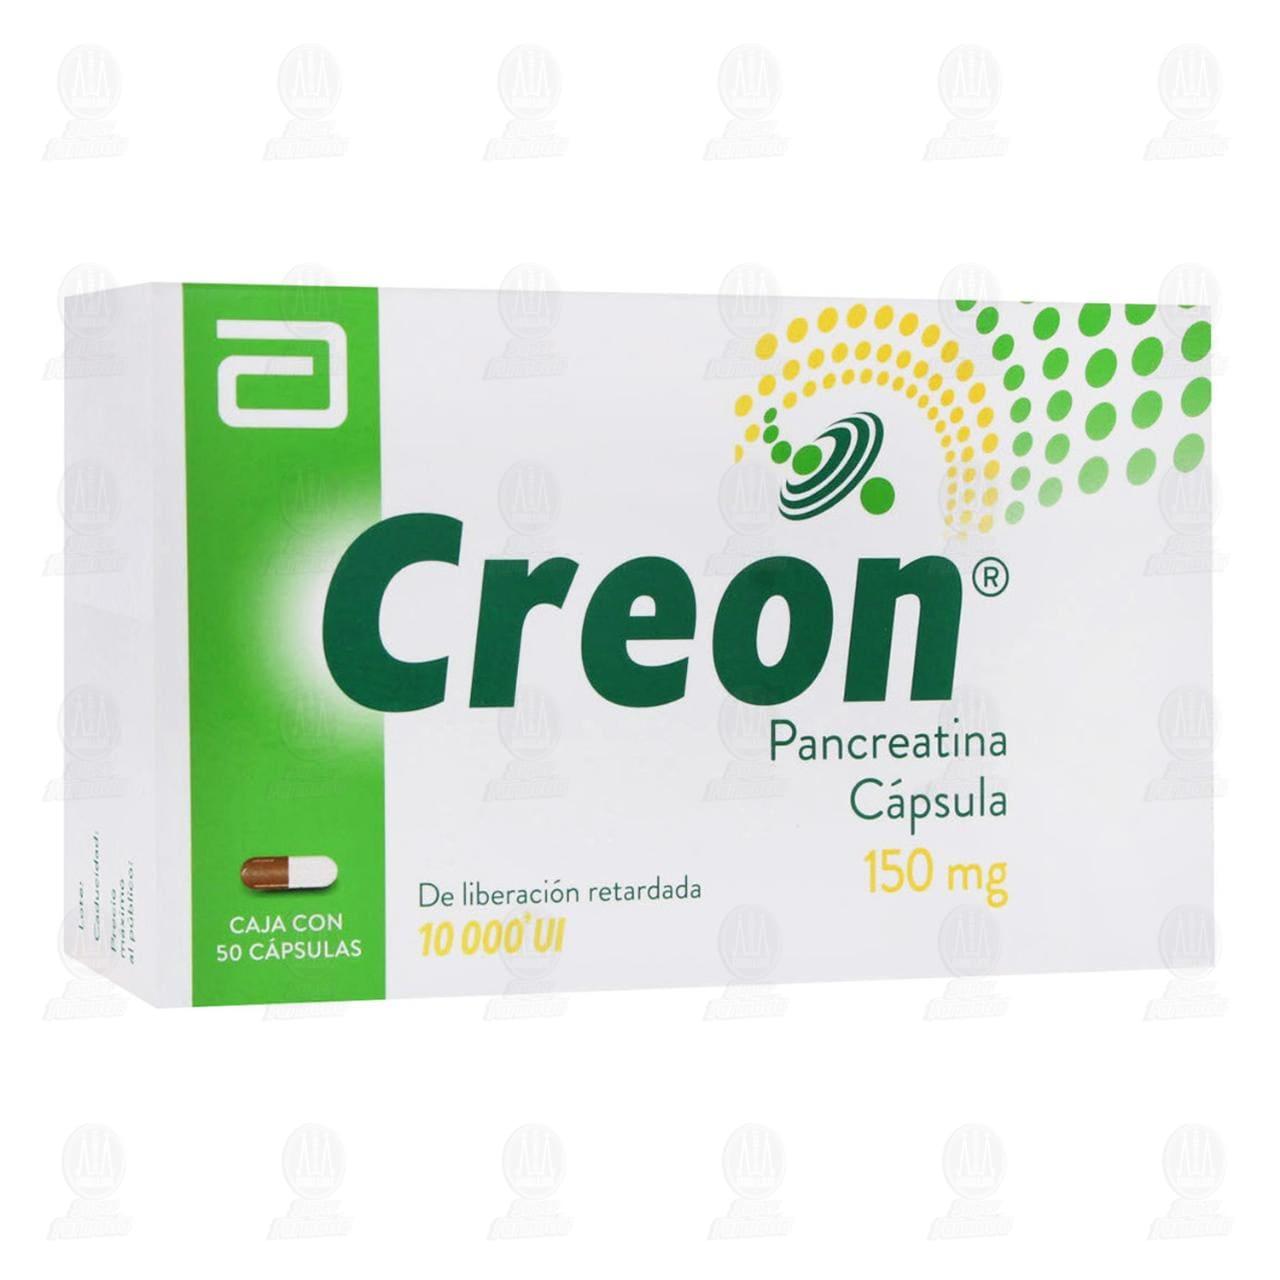 comprar https://www.movil.farmaciasguadalajara.com/wcsstore/FGCAS/wcs/products/1220918_A_1280_AL.jpg en farmacias guadalajara